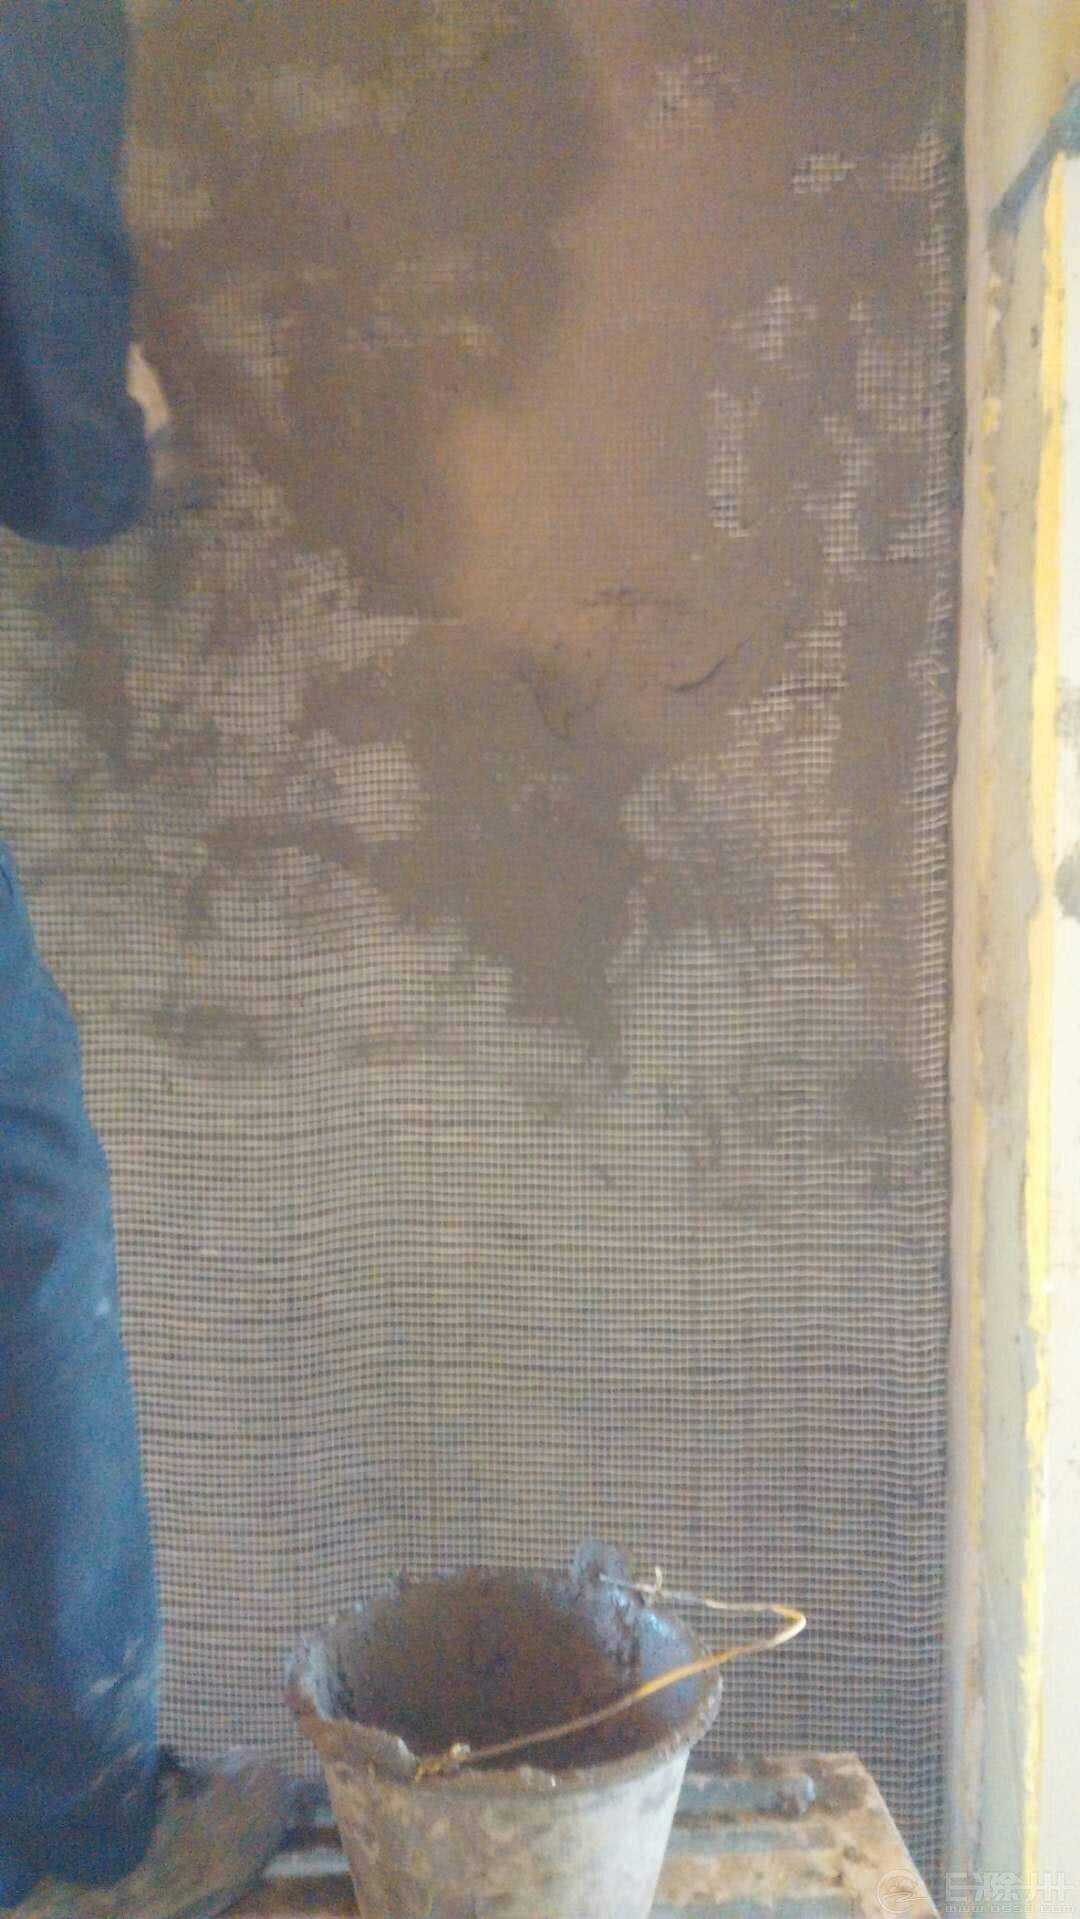 卫生间砌墙2.jpg